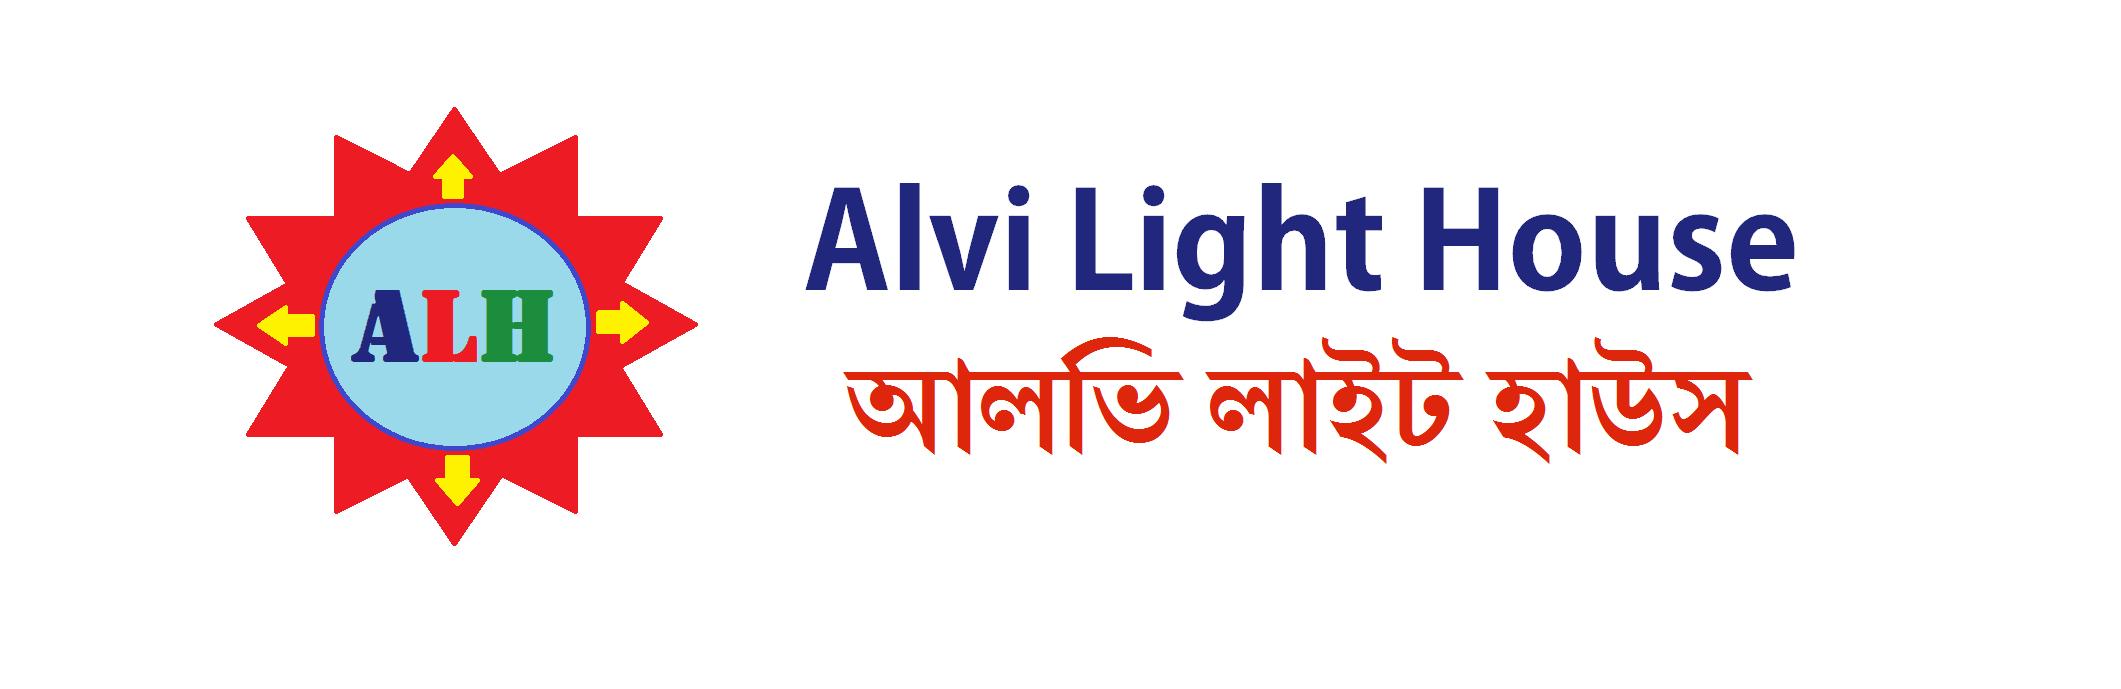 Alvi Light House